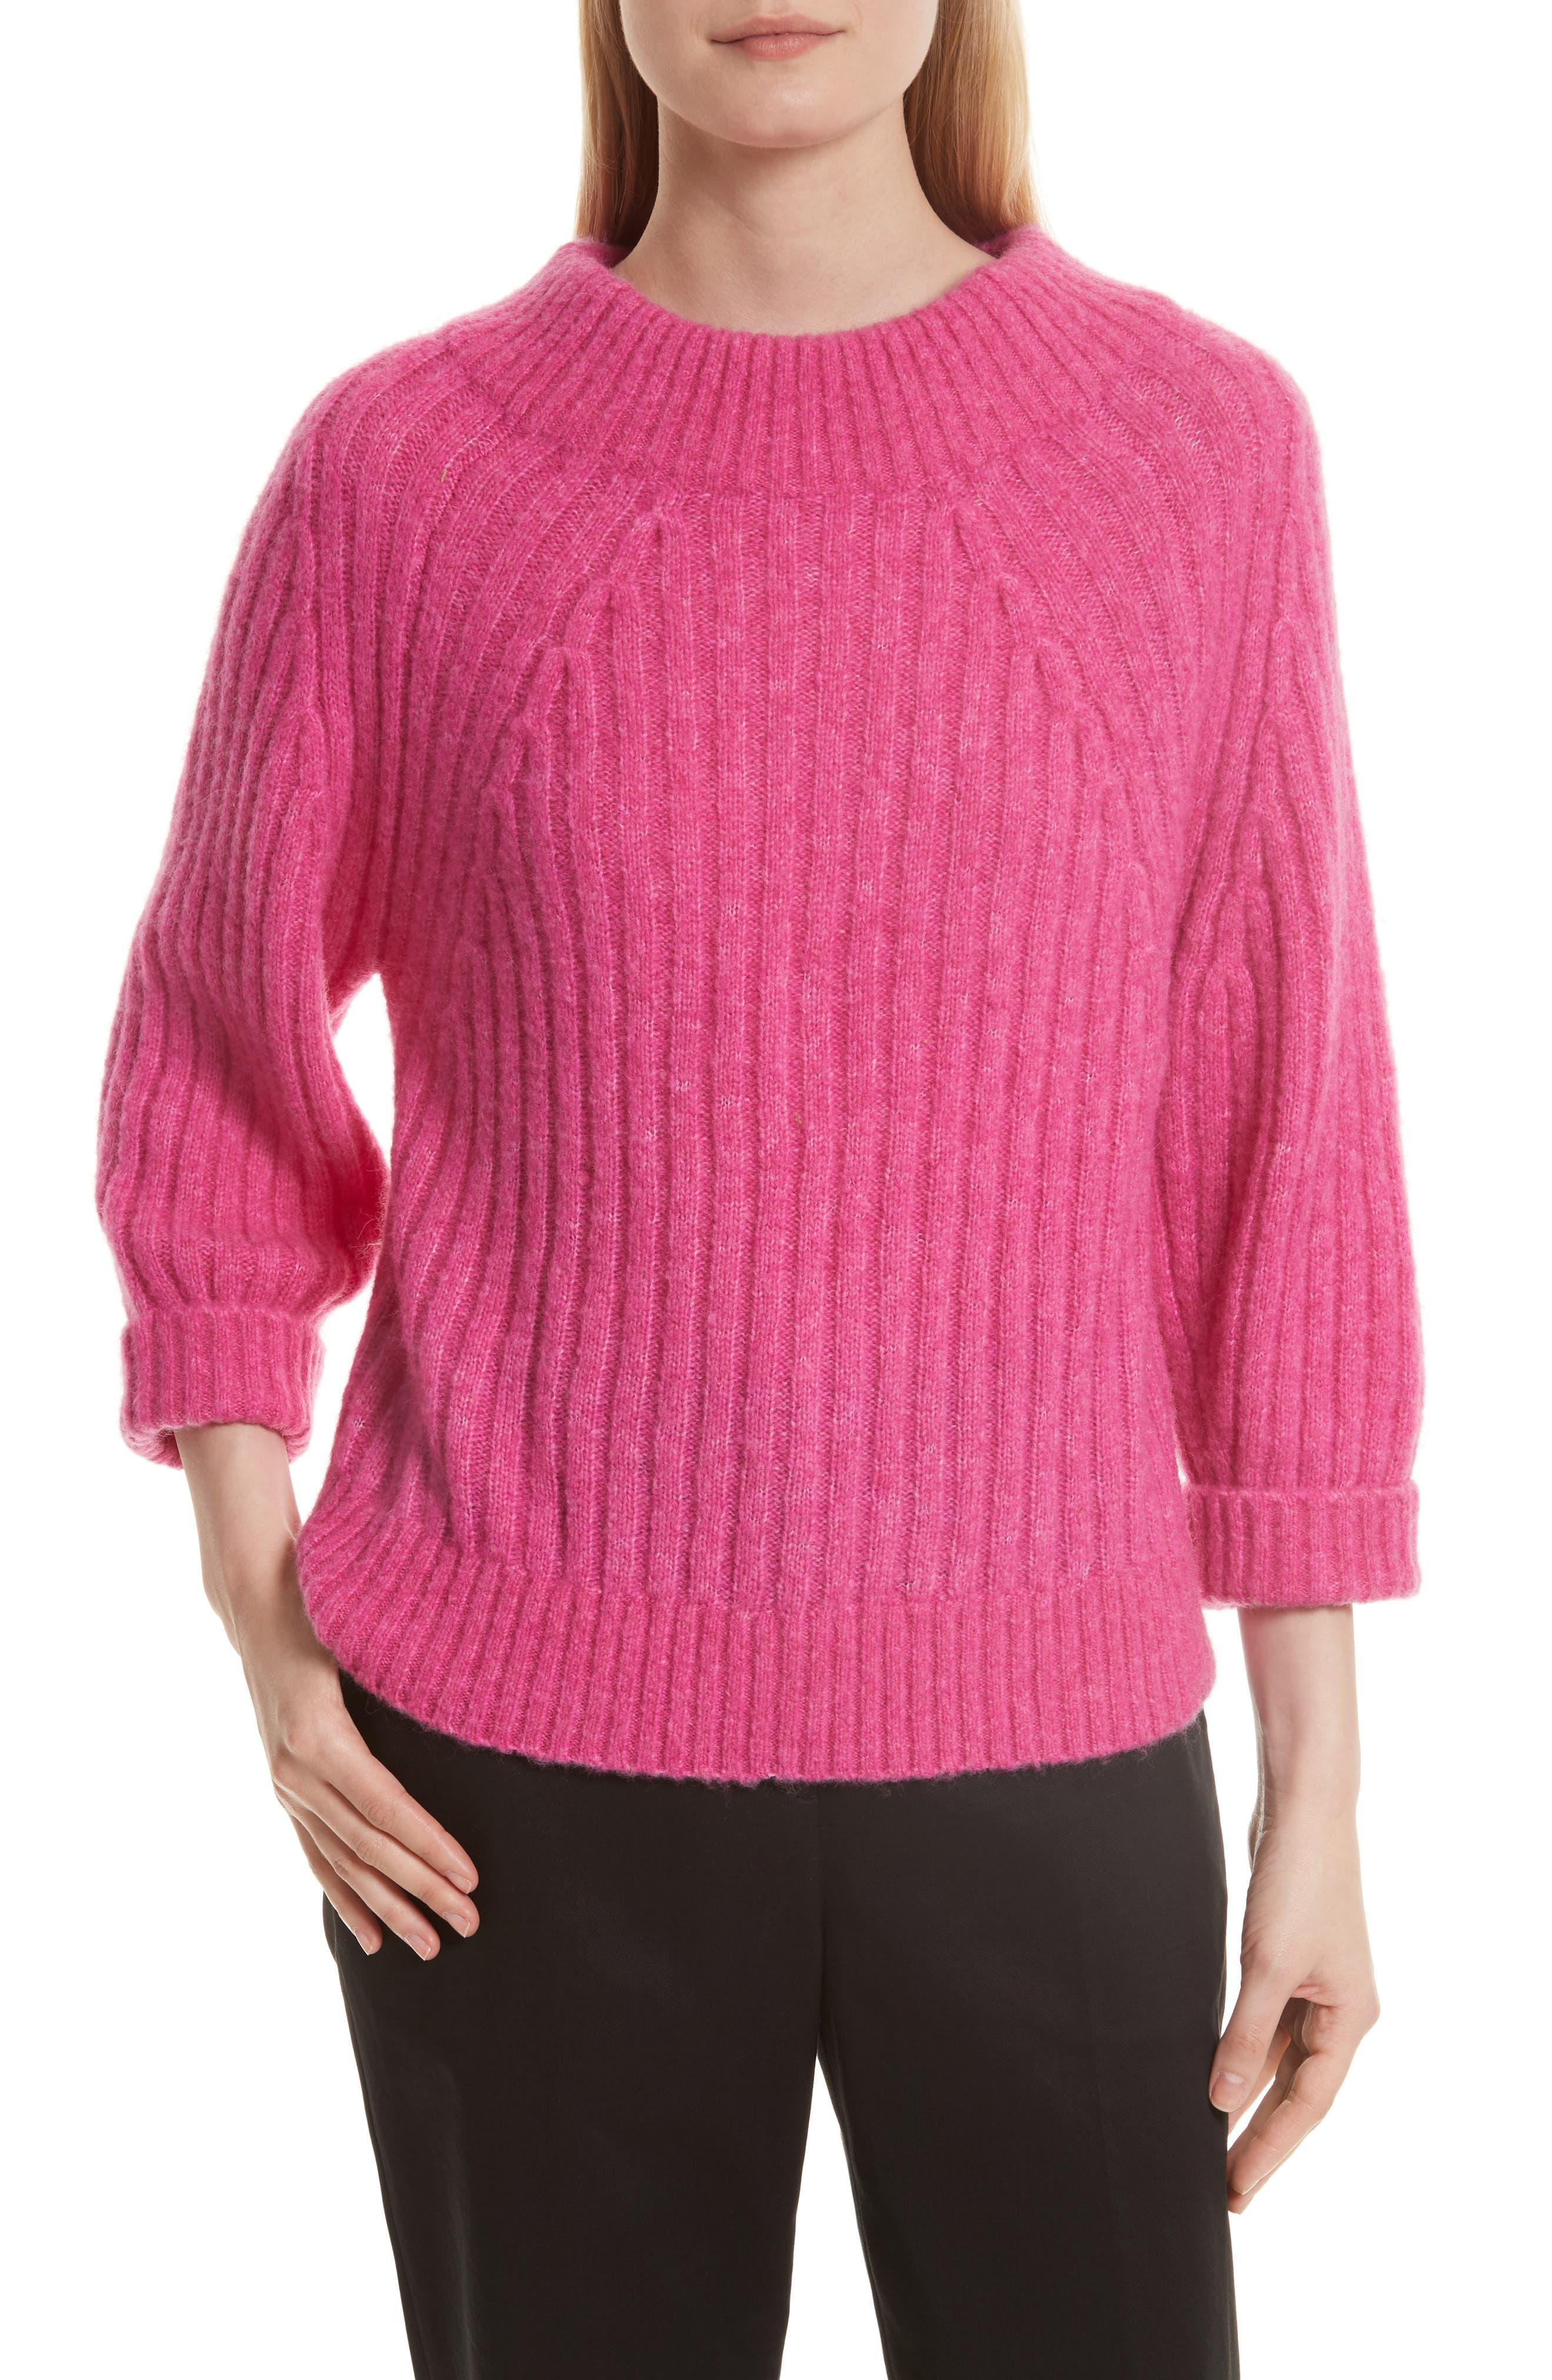 3.1 Phillip Lim Rib Knit Sweater